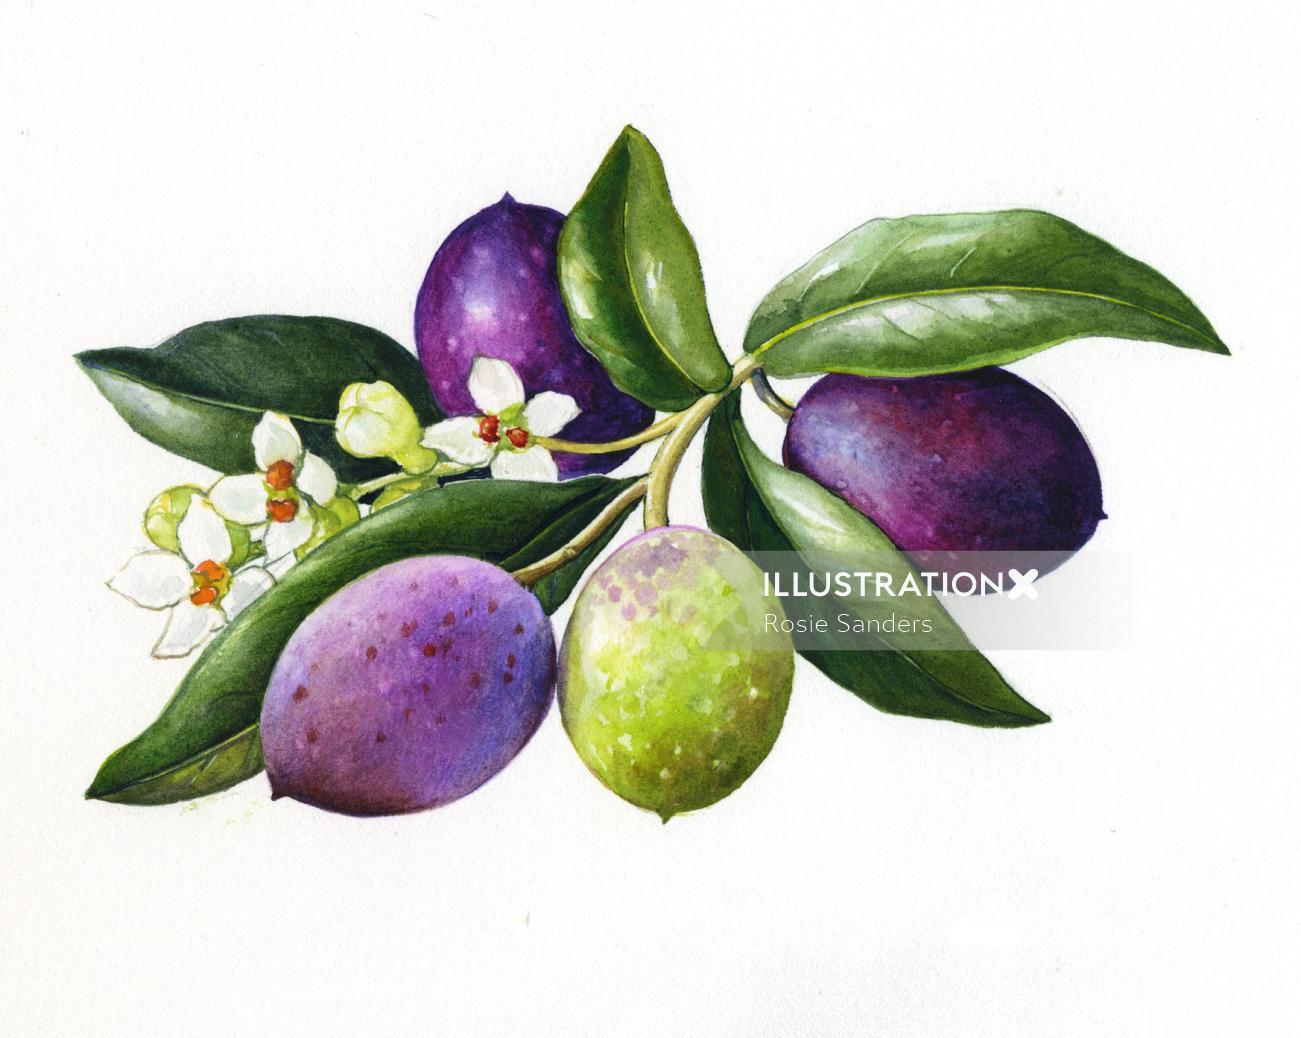 Fruit illustration by Rosie Sanders